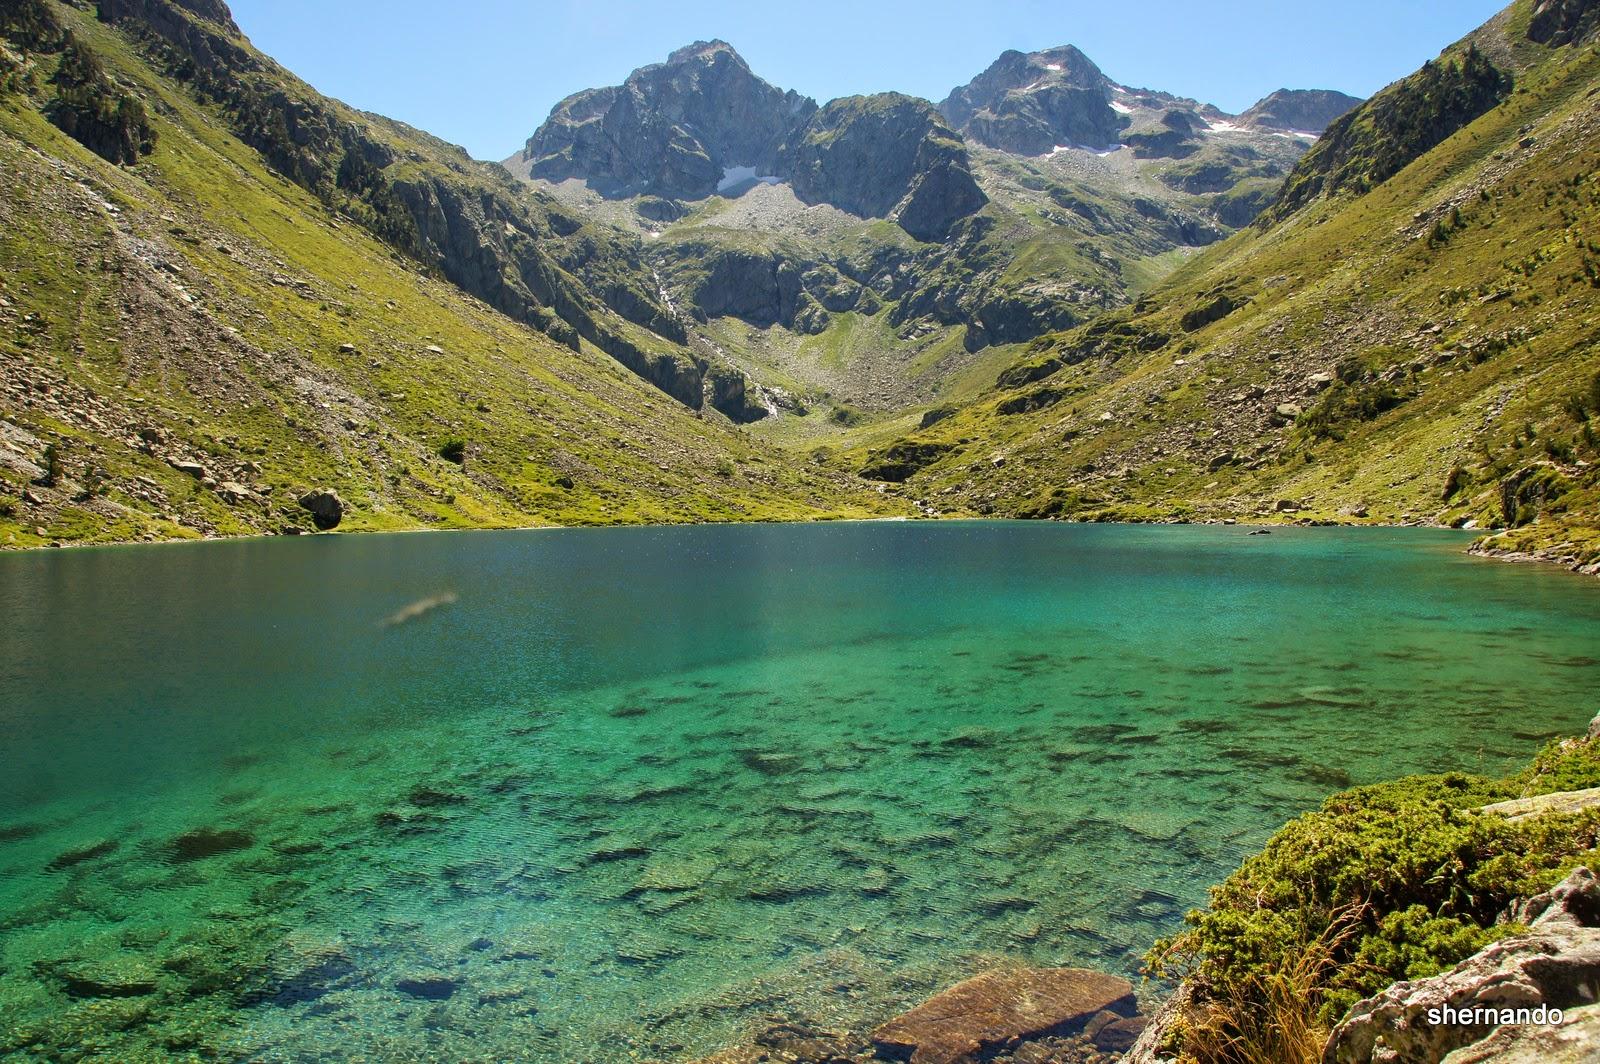 Imagínate estar aquí, en el Lago de Estom pasando el día haciendo senderismo con tus amigos o familia